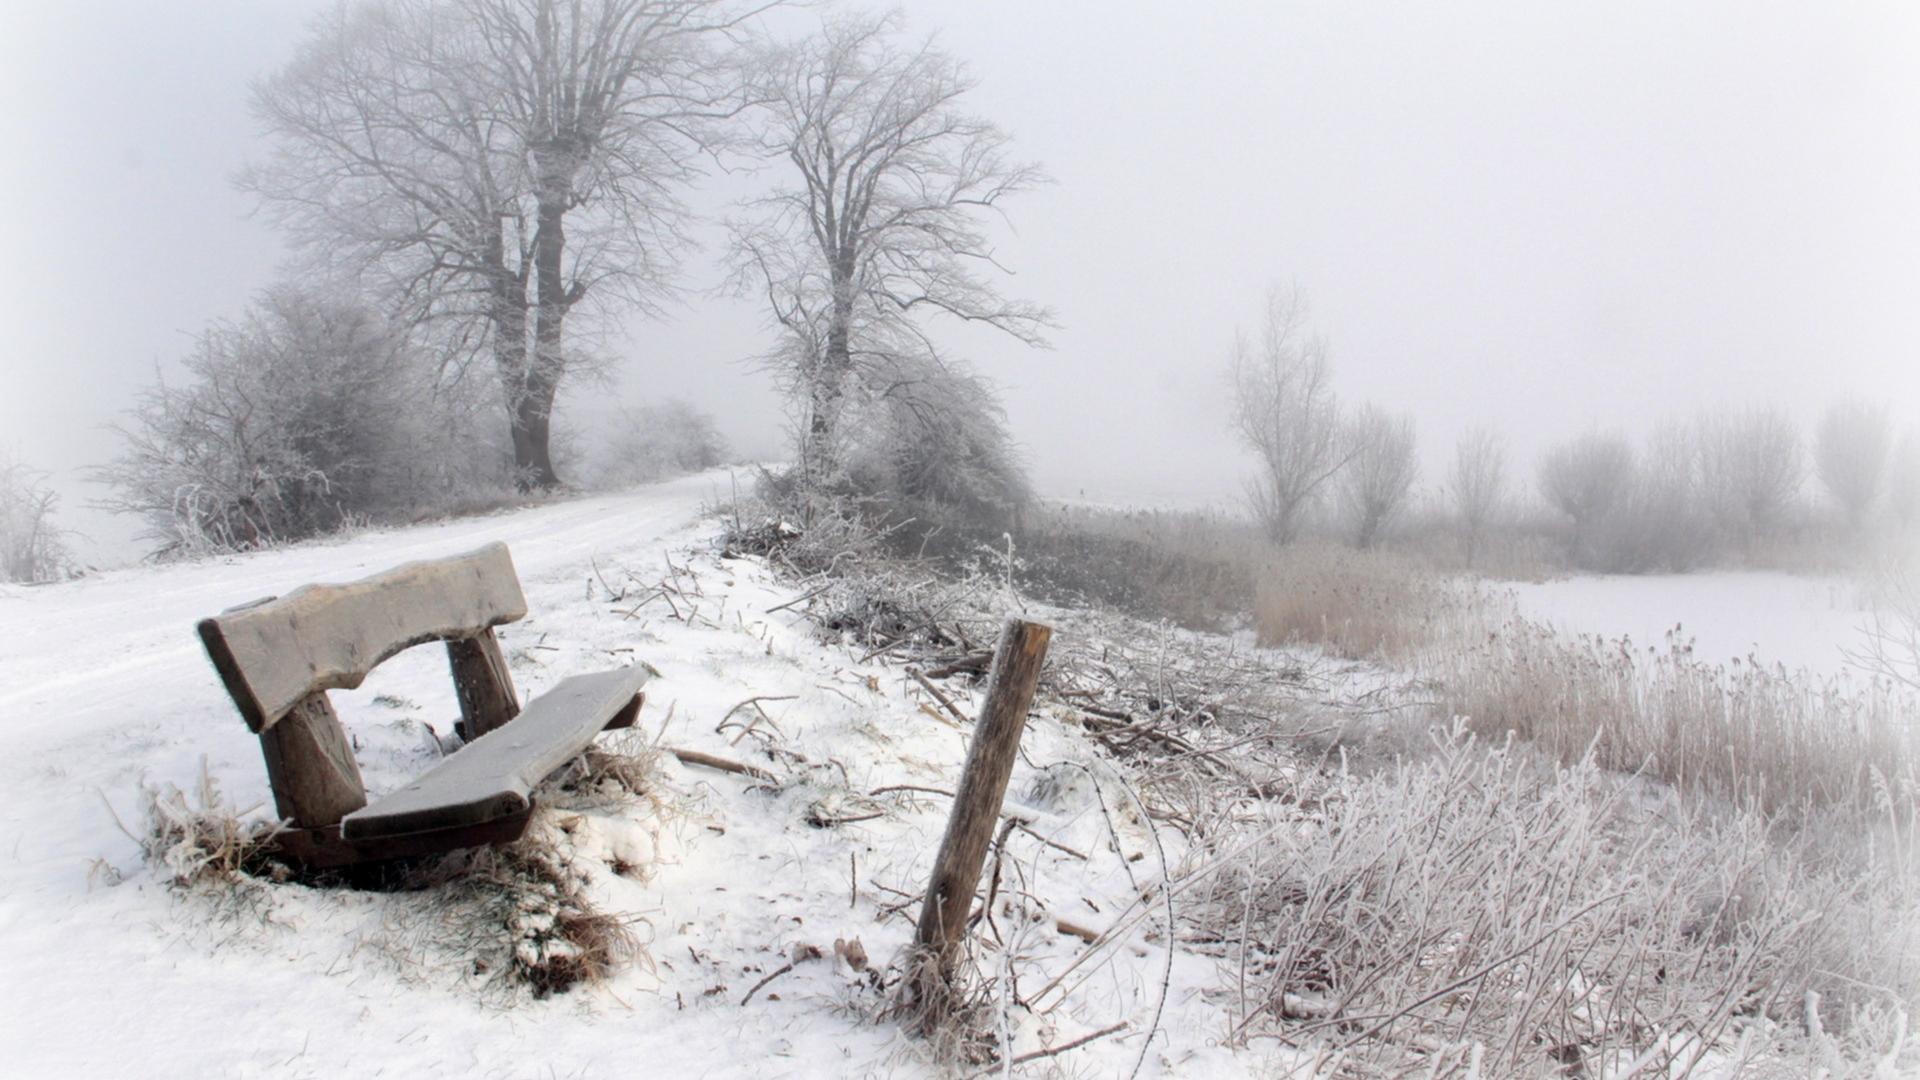 hdwallpaper2013comwinterbest winter snow nature hd wallpaperhtml 1920x1080